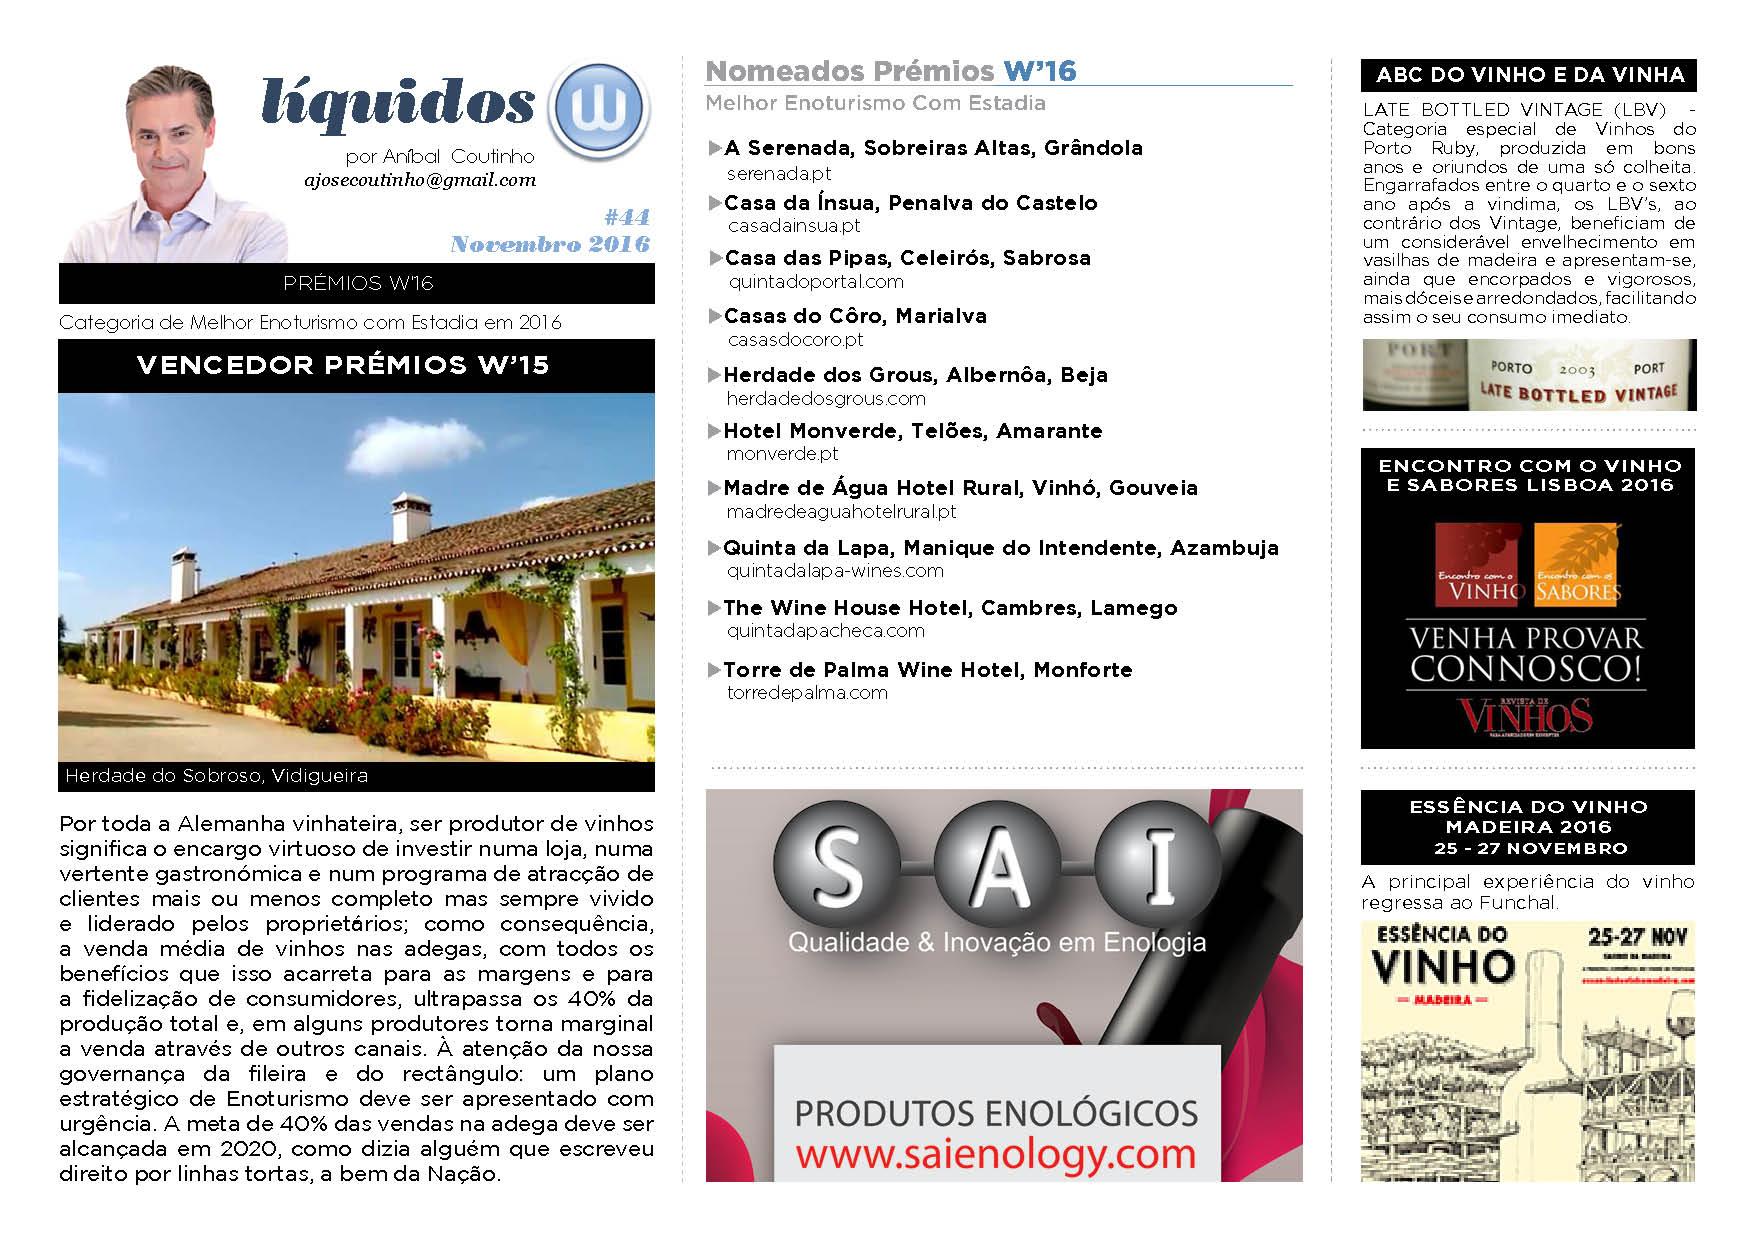 Newsletter #44